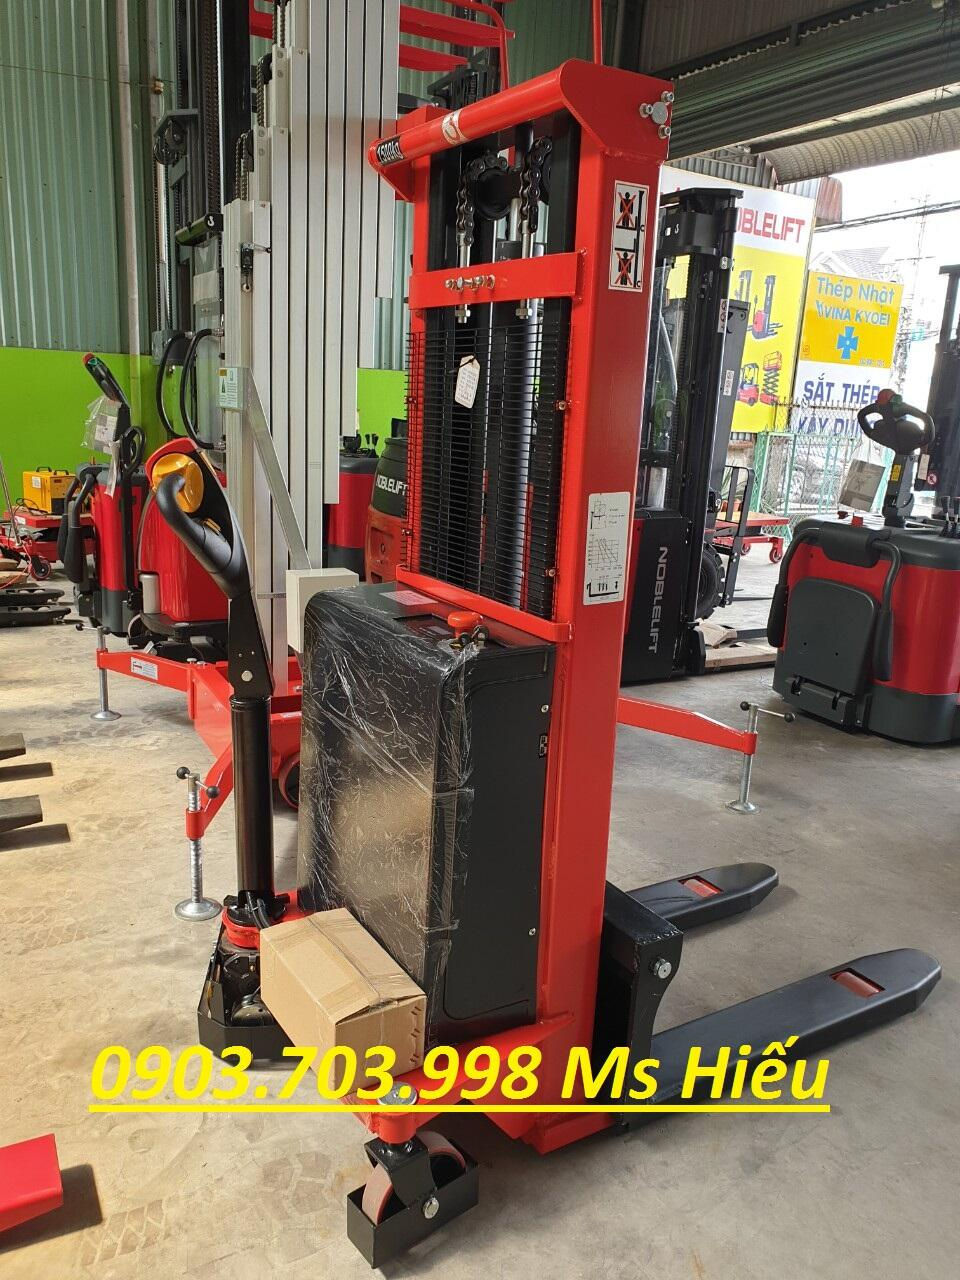 Xe nâng trợ lực Niuli - Taiwan CTD-C1016 1000kg nâng cao 1600mm